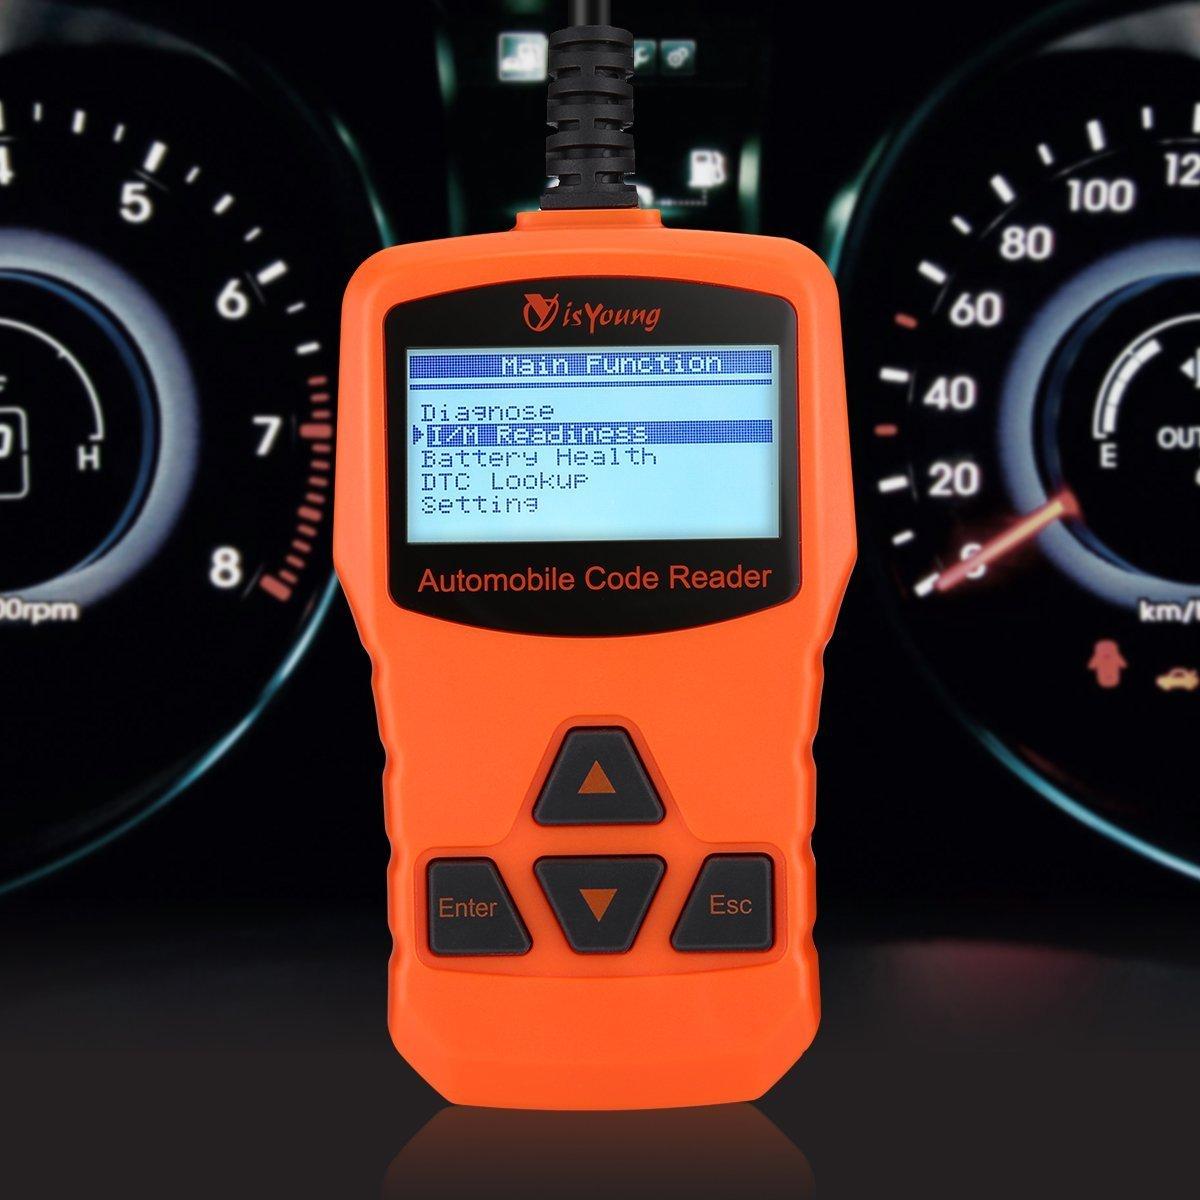 isYoung OBDII Lector de Código Diagnóstico del Vehículo 10 Modelos Tester del Automóvil para Audi/Volkswagen/Skoda/Mercedes-Benz/BMW/Porsche/General Motors y otros Vehículos/SUV/Vehículo Ligero